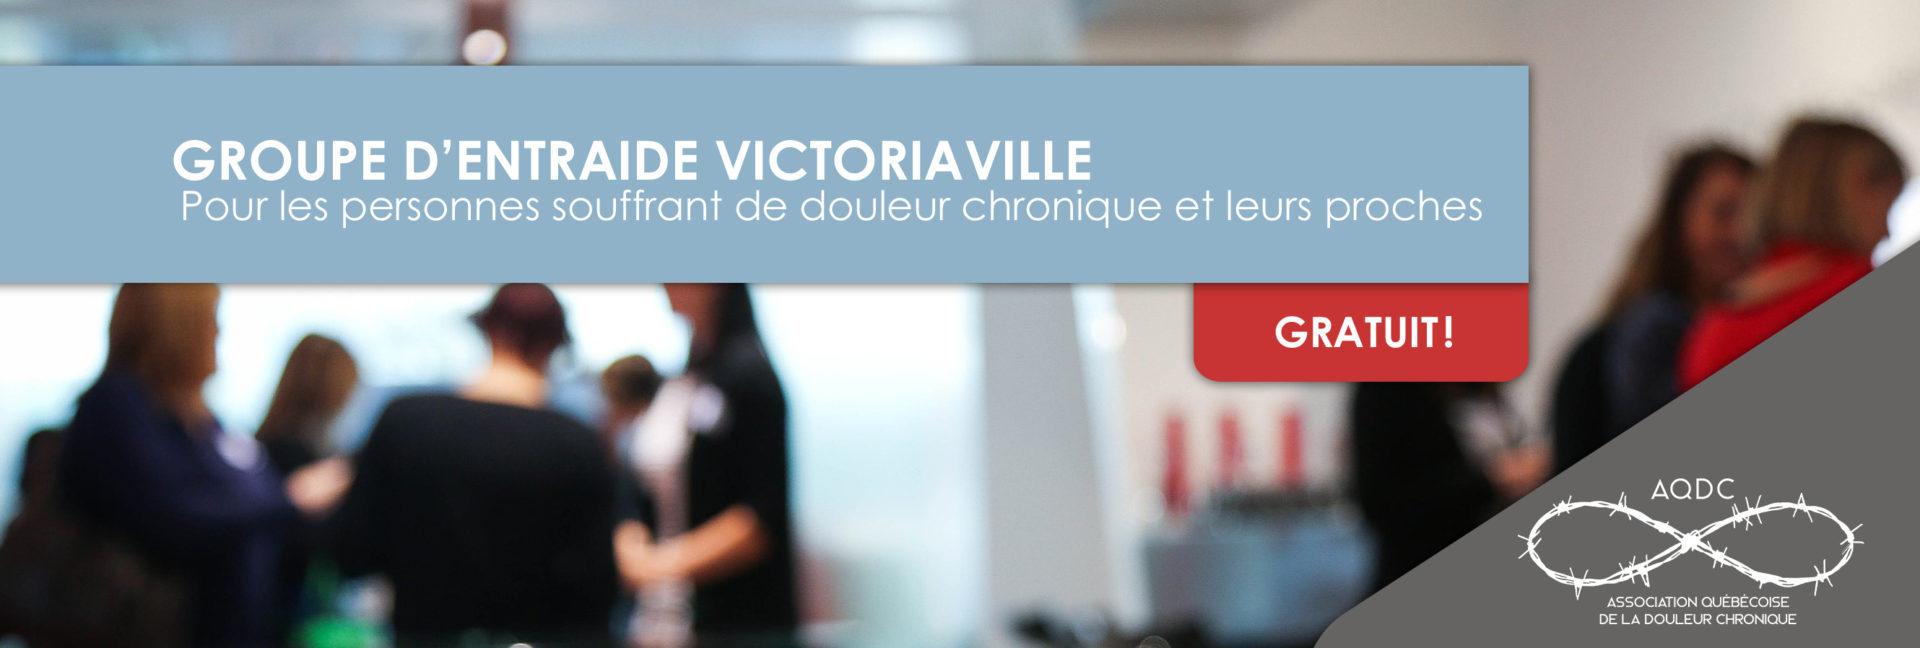 site de rencontre cou gratuit victoriaville